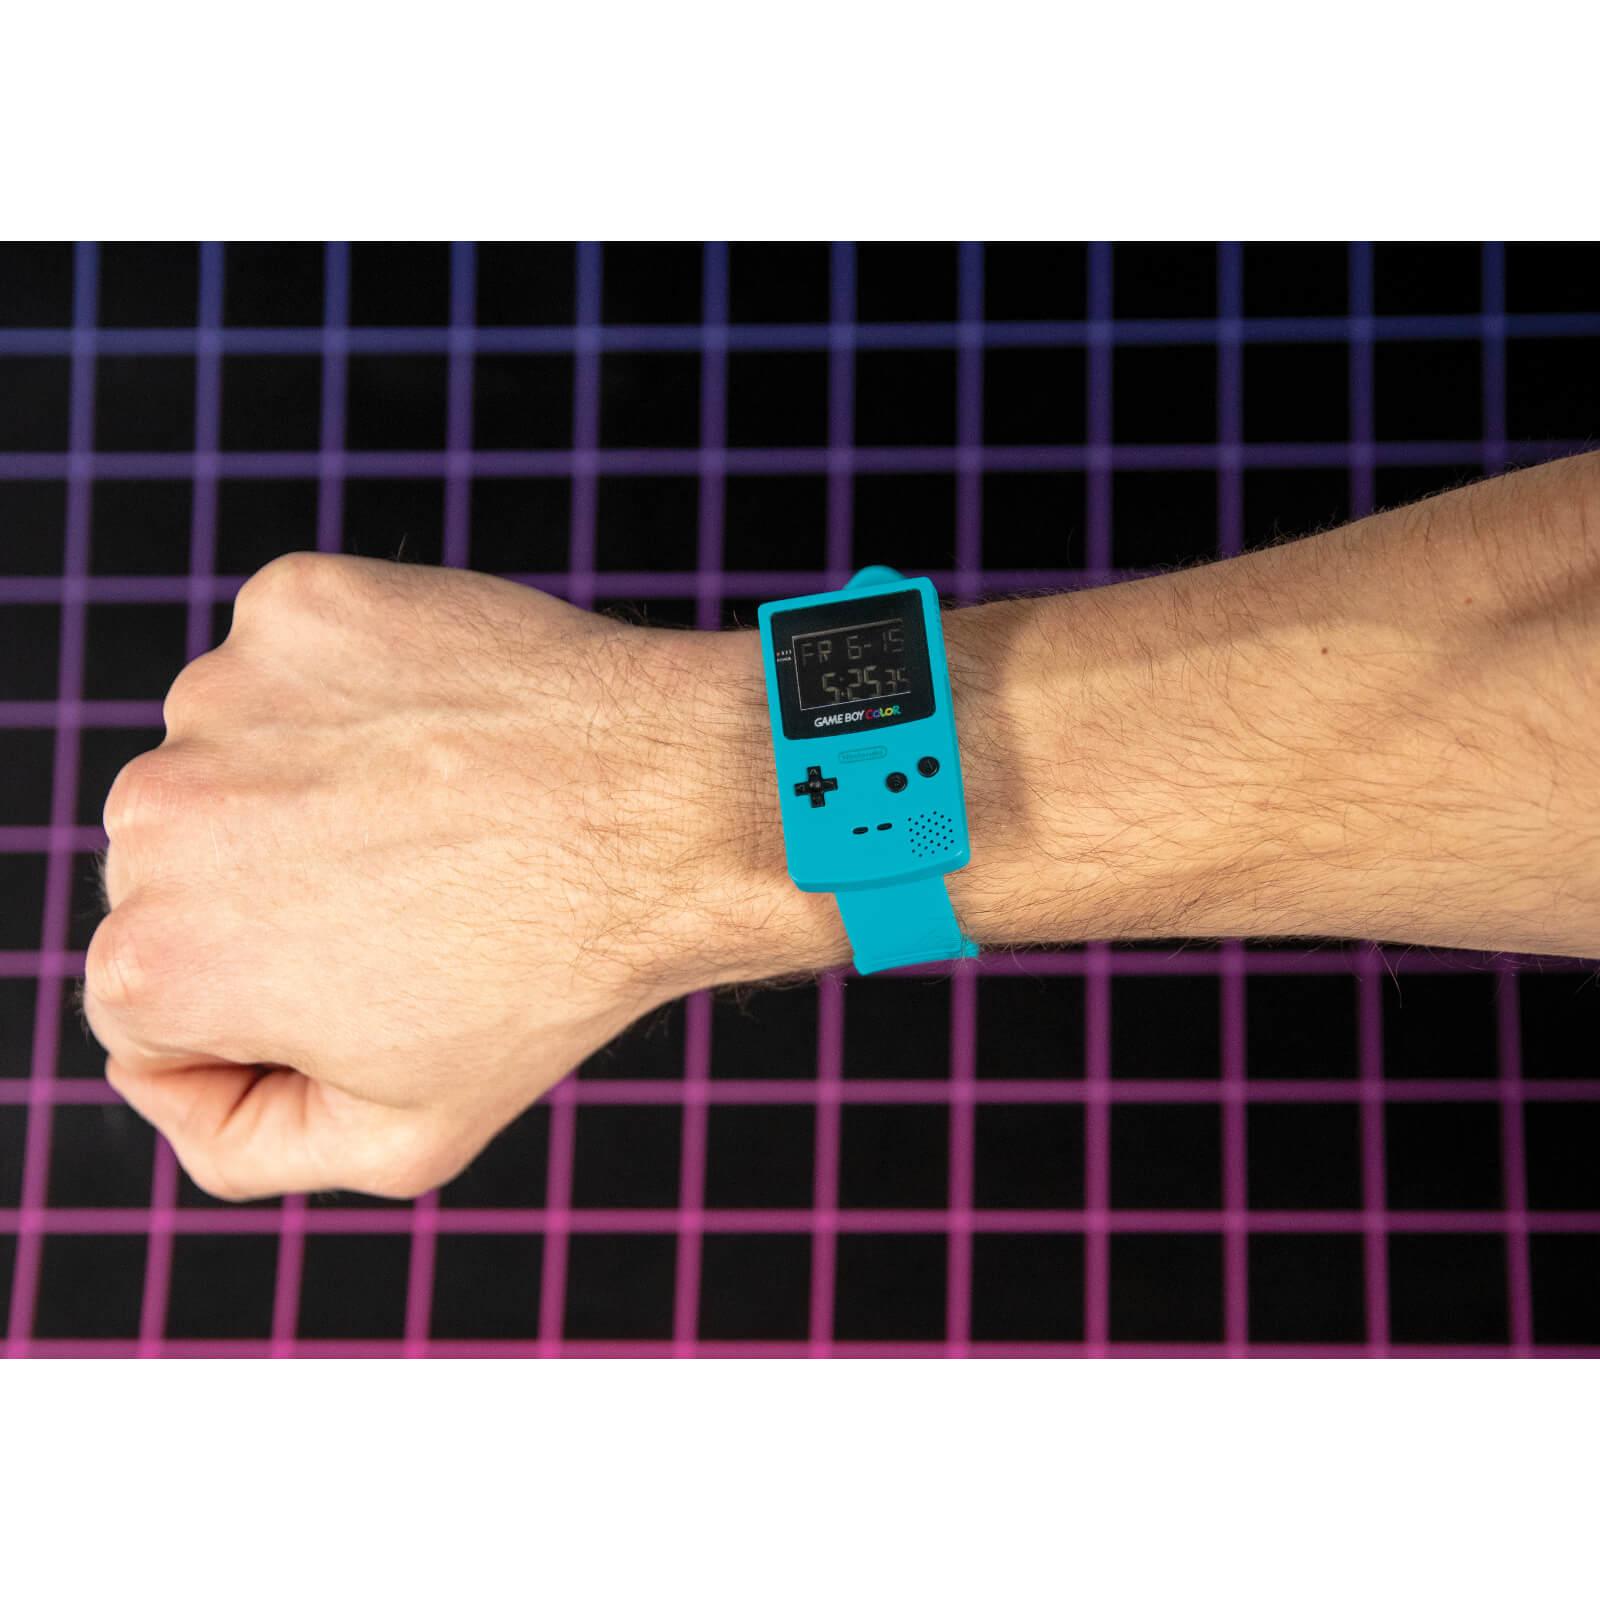 Paladone Nintendo Game Boy Color Watch